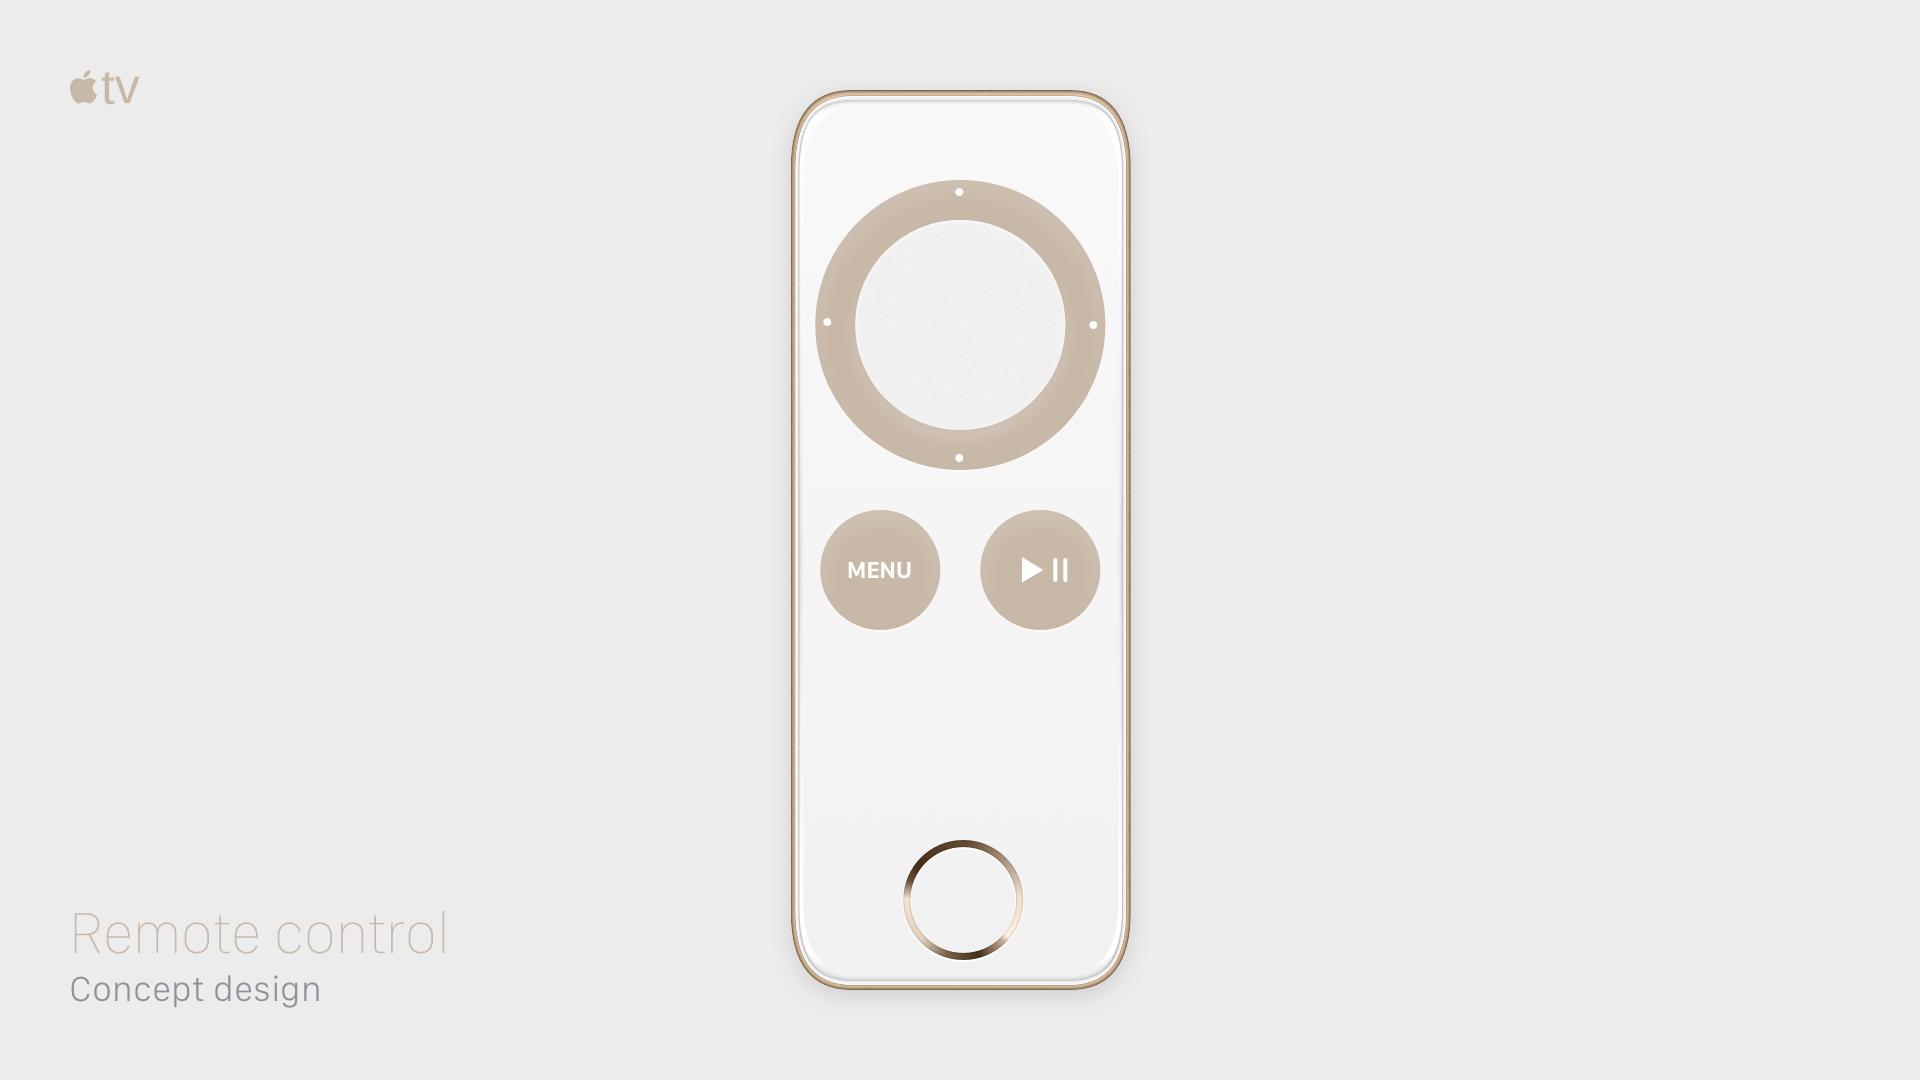 Remote control concept copy